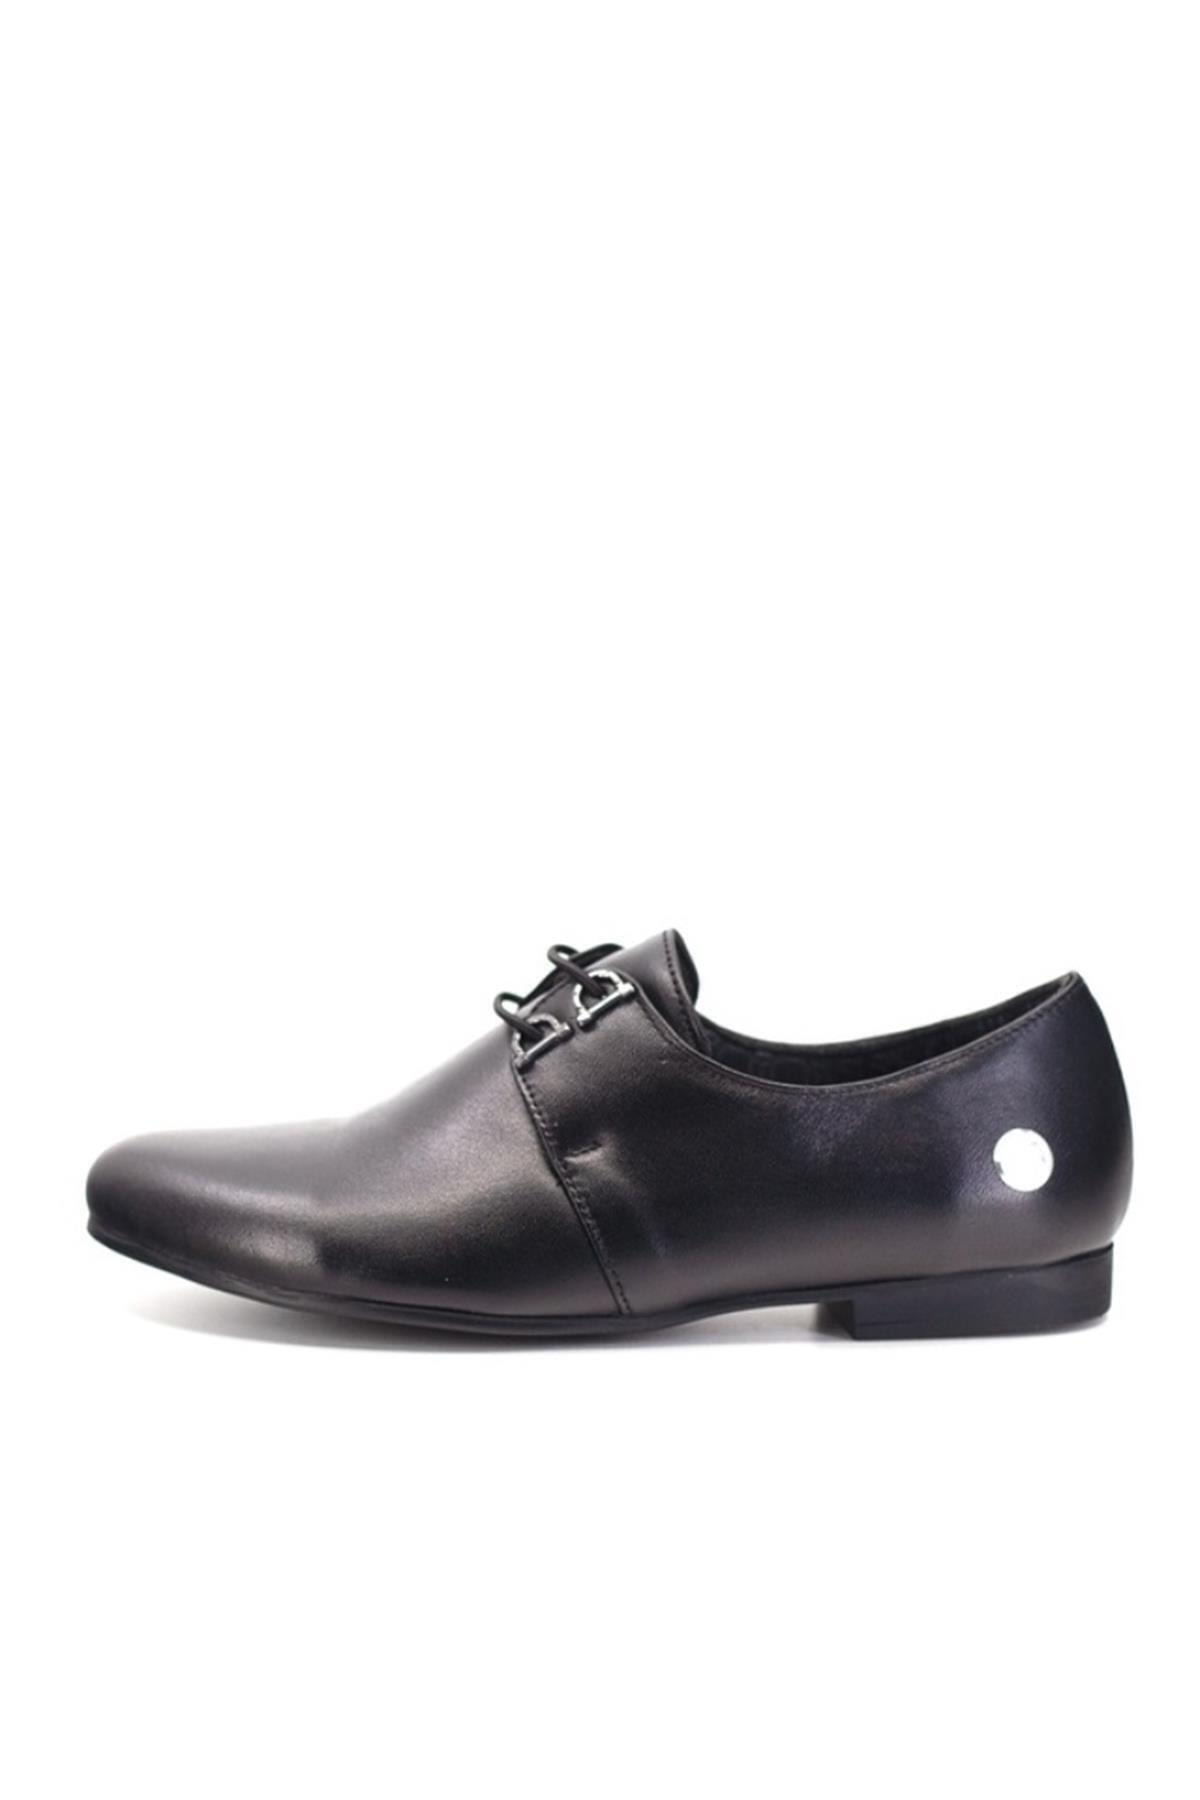 Mammamia Kadın Siyah Ayakkabı D19ka-3090